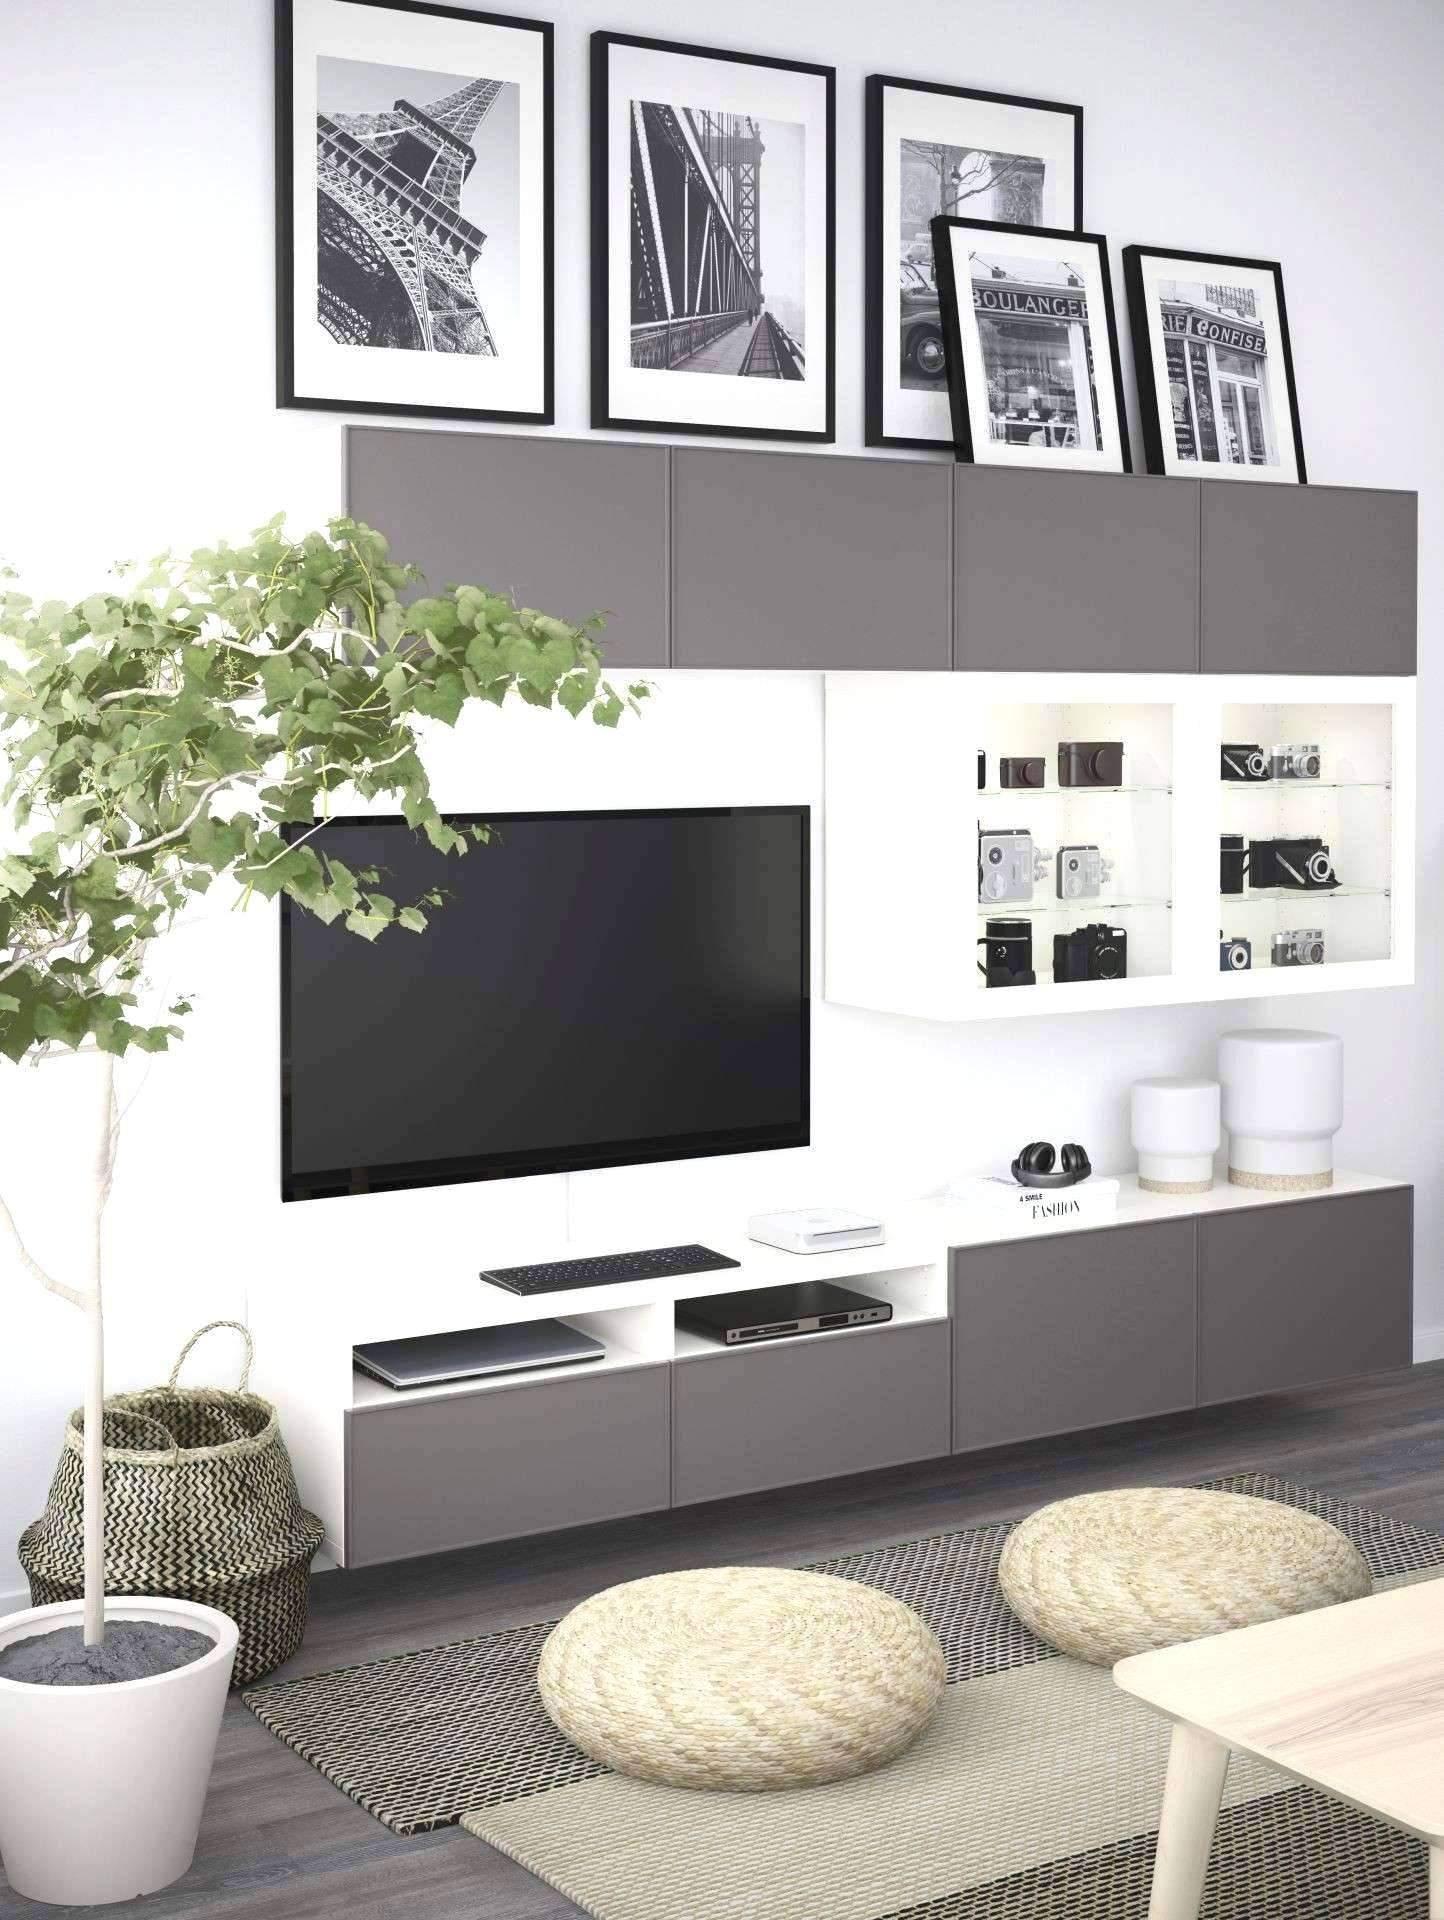 wohnzimmer kaufen genial inspiration wohnzimmer deko frisch wohnzimmer deko schon of wohnzimmer kaufen